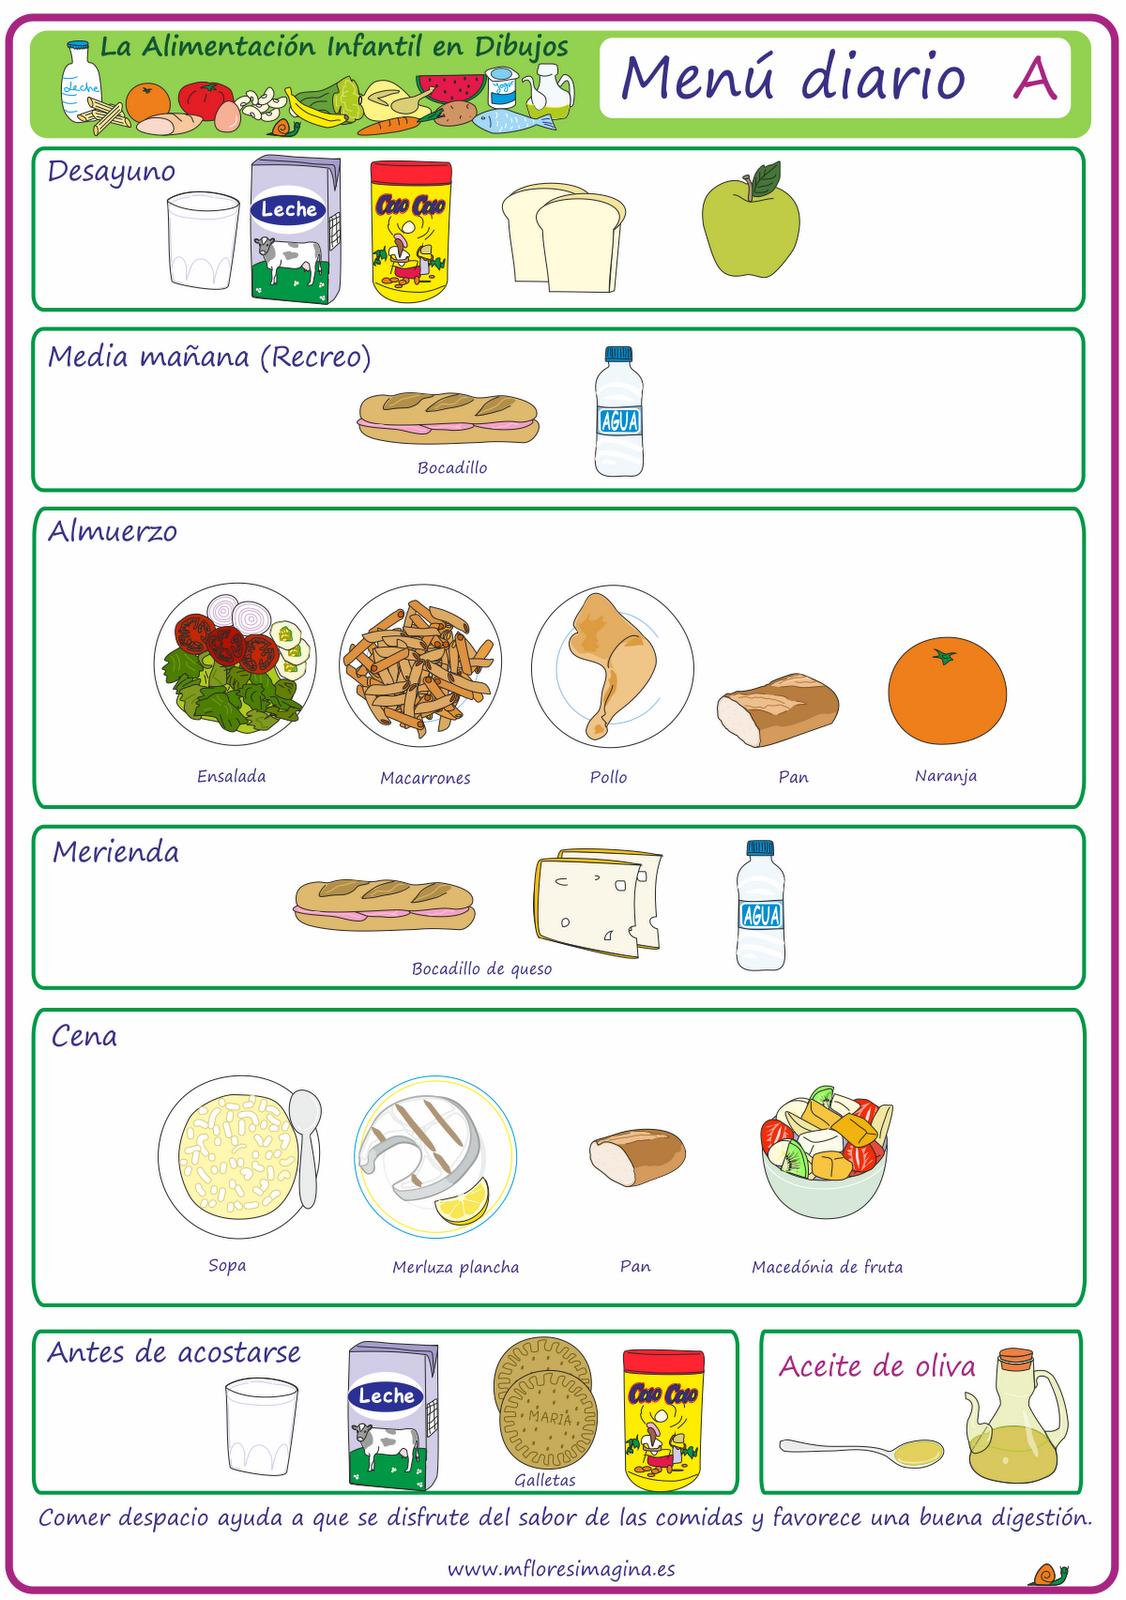 Menú Diario En Dibujos A Comer Restaurante